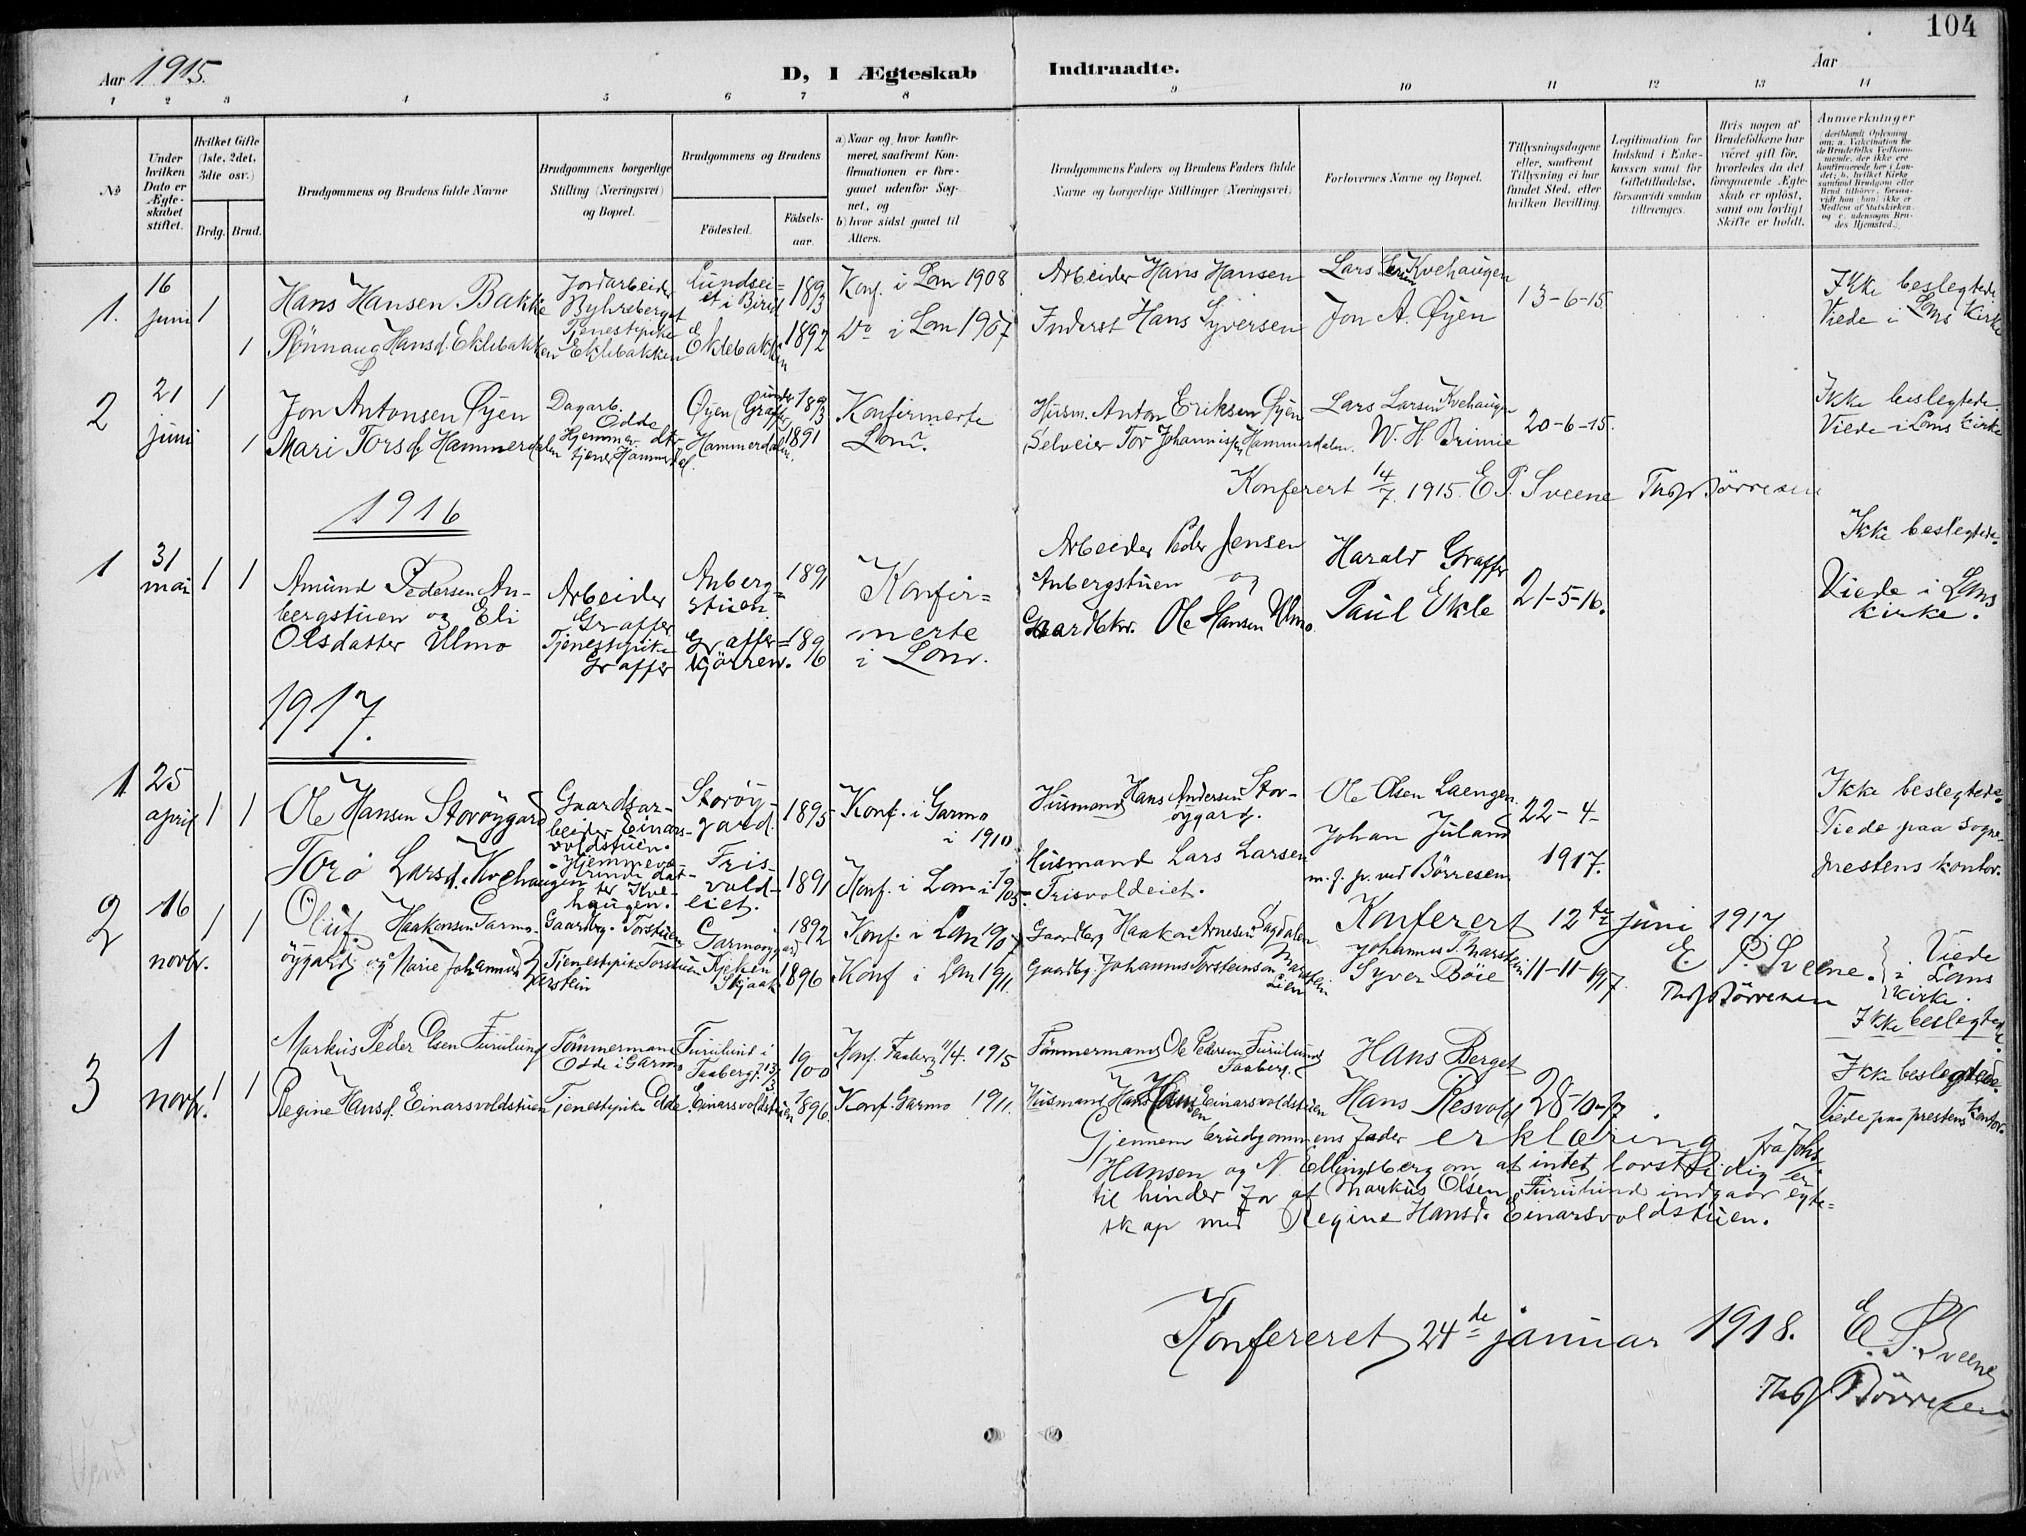 SAH, Lom prestekontor, L/L0006: Klokkerbok nr. 6, 1901-1939, s. 104